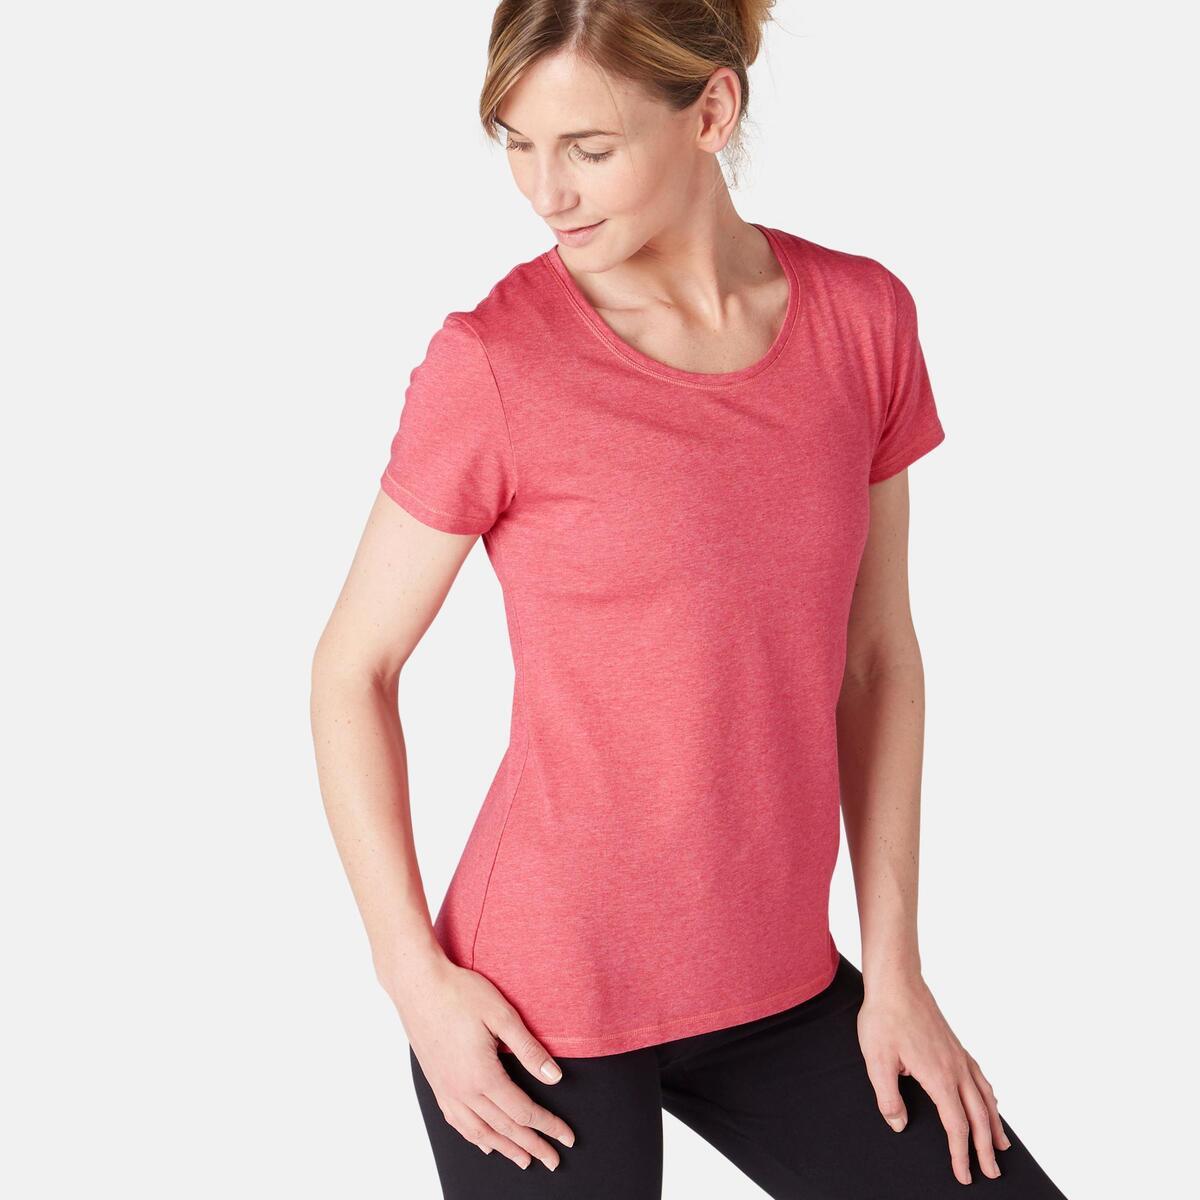 Bild 1 von T-Shirt 500 Regular Sport Pilates sanfte Gym Damen rosa